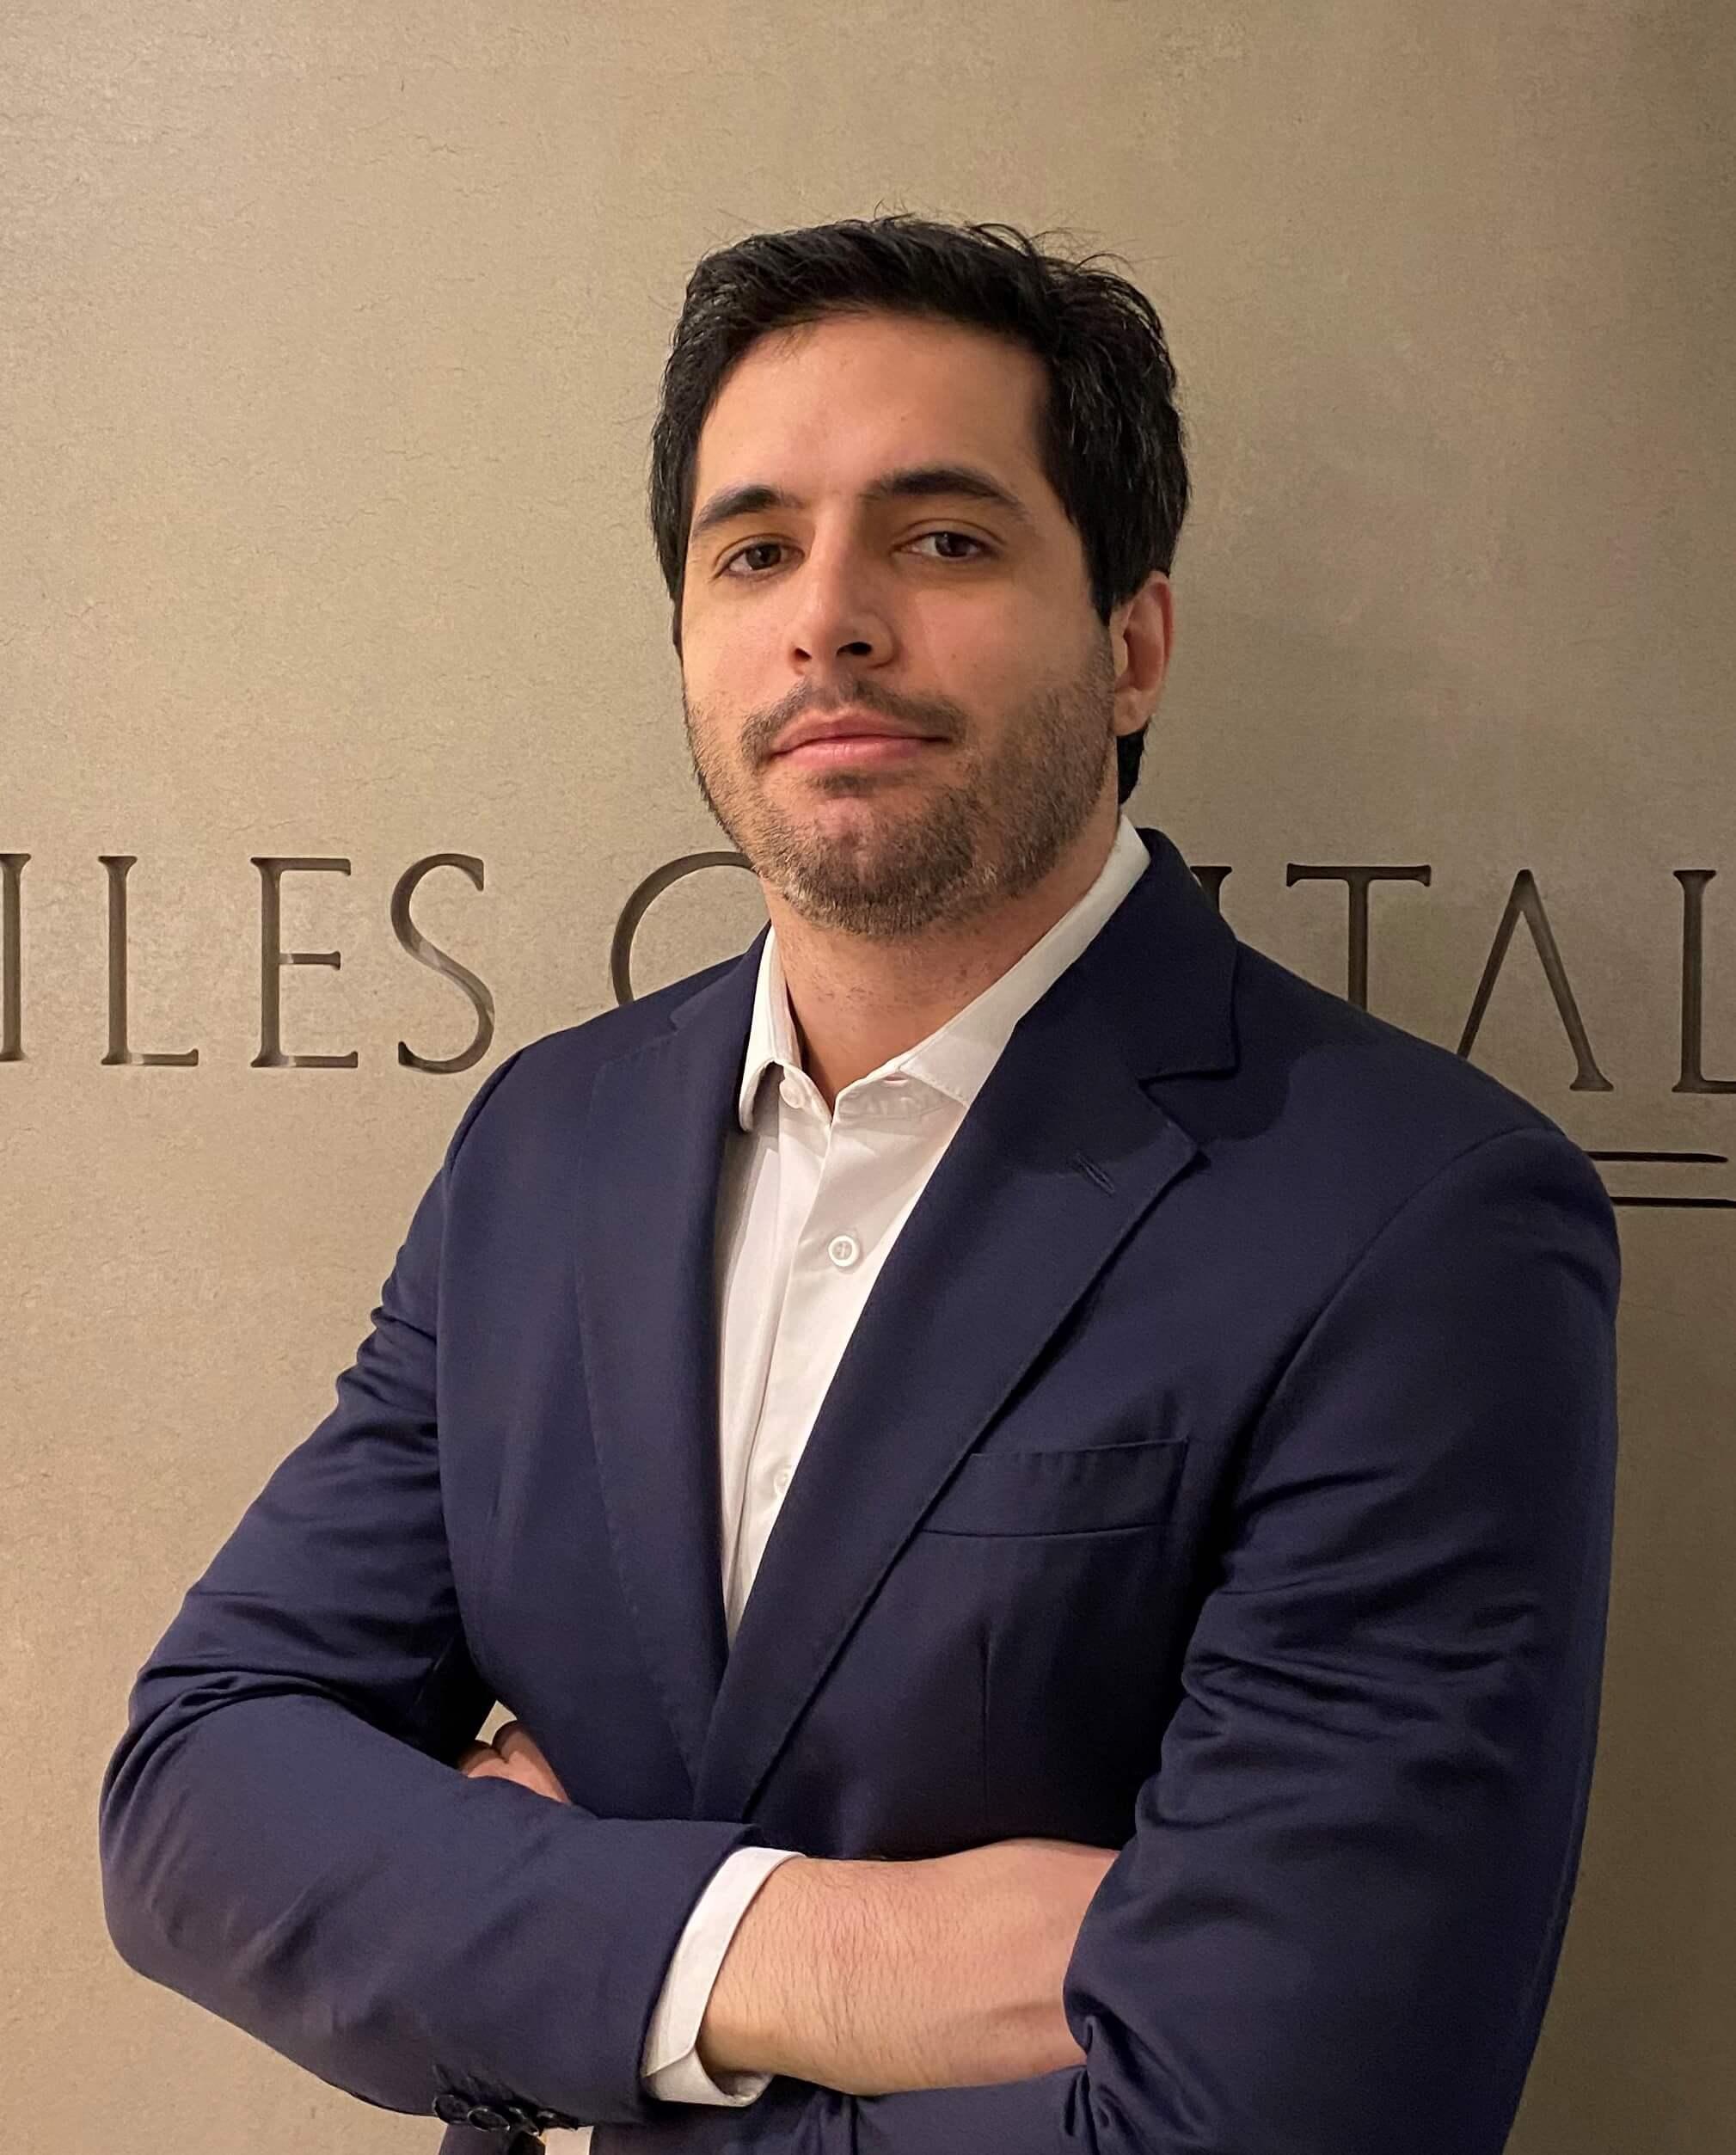 Filipe Gouveia